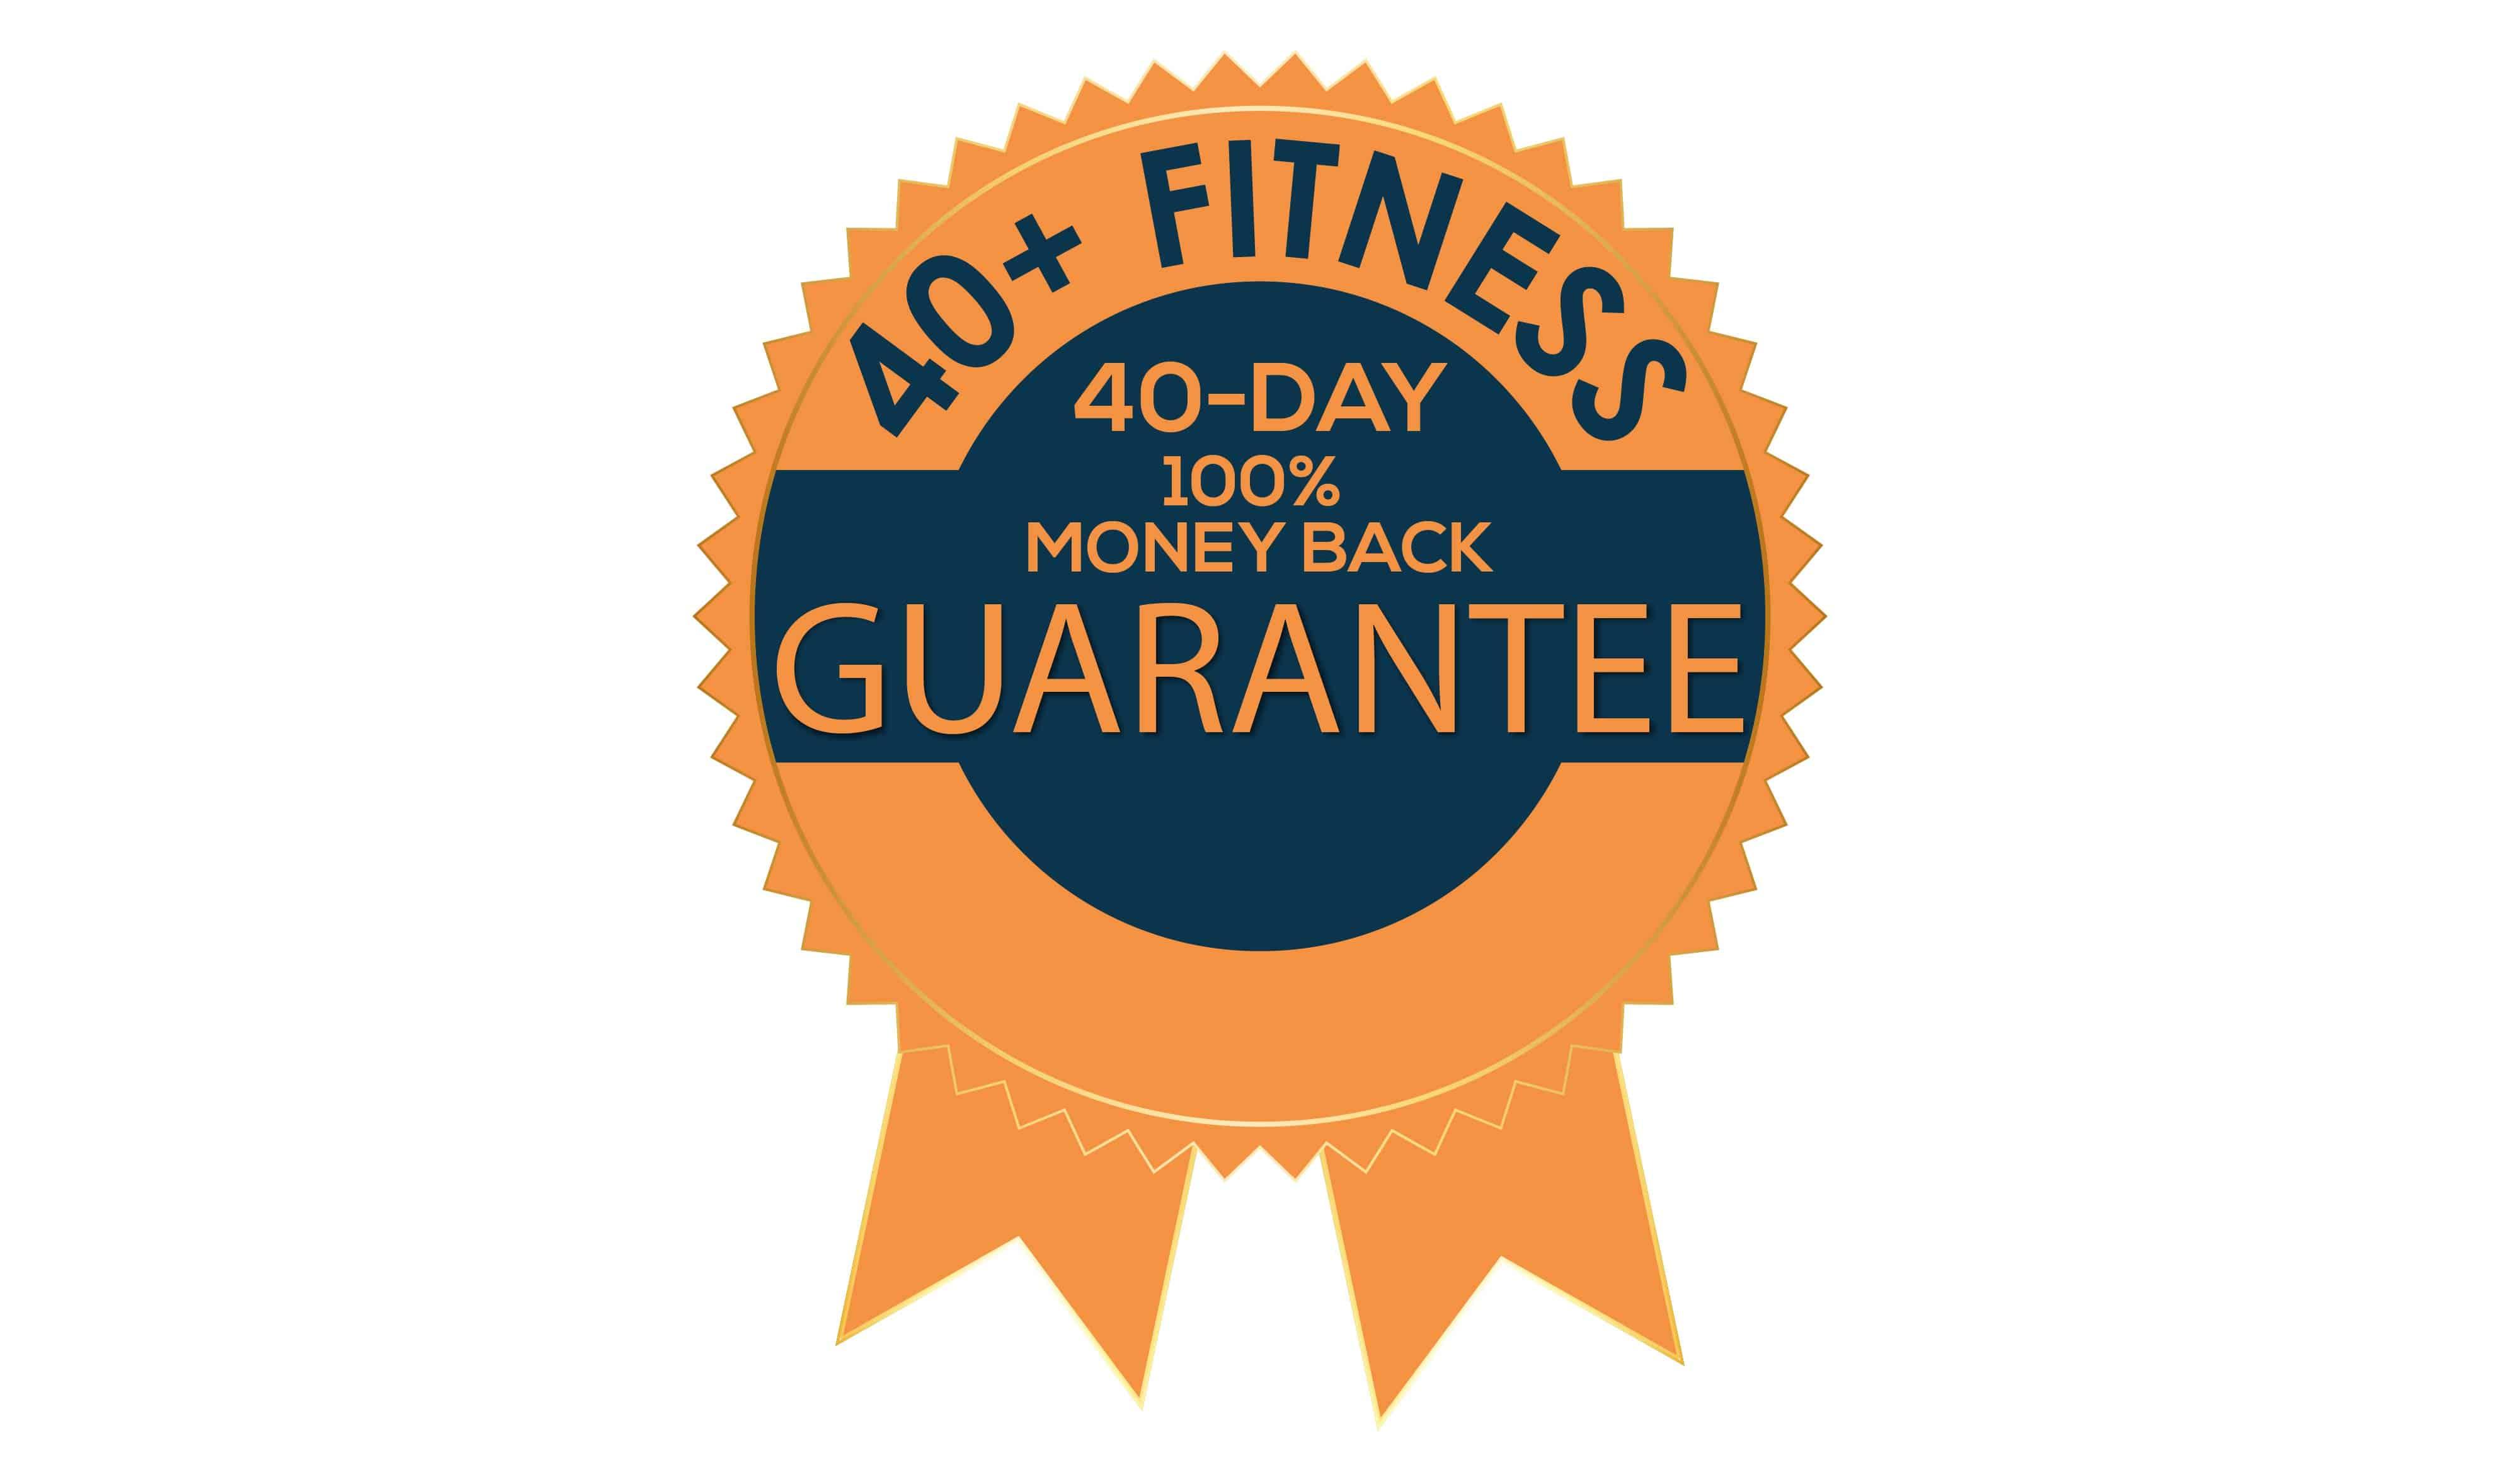 40-Day-Guarantee